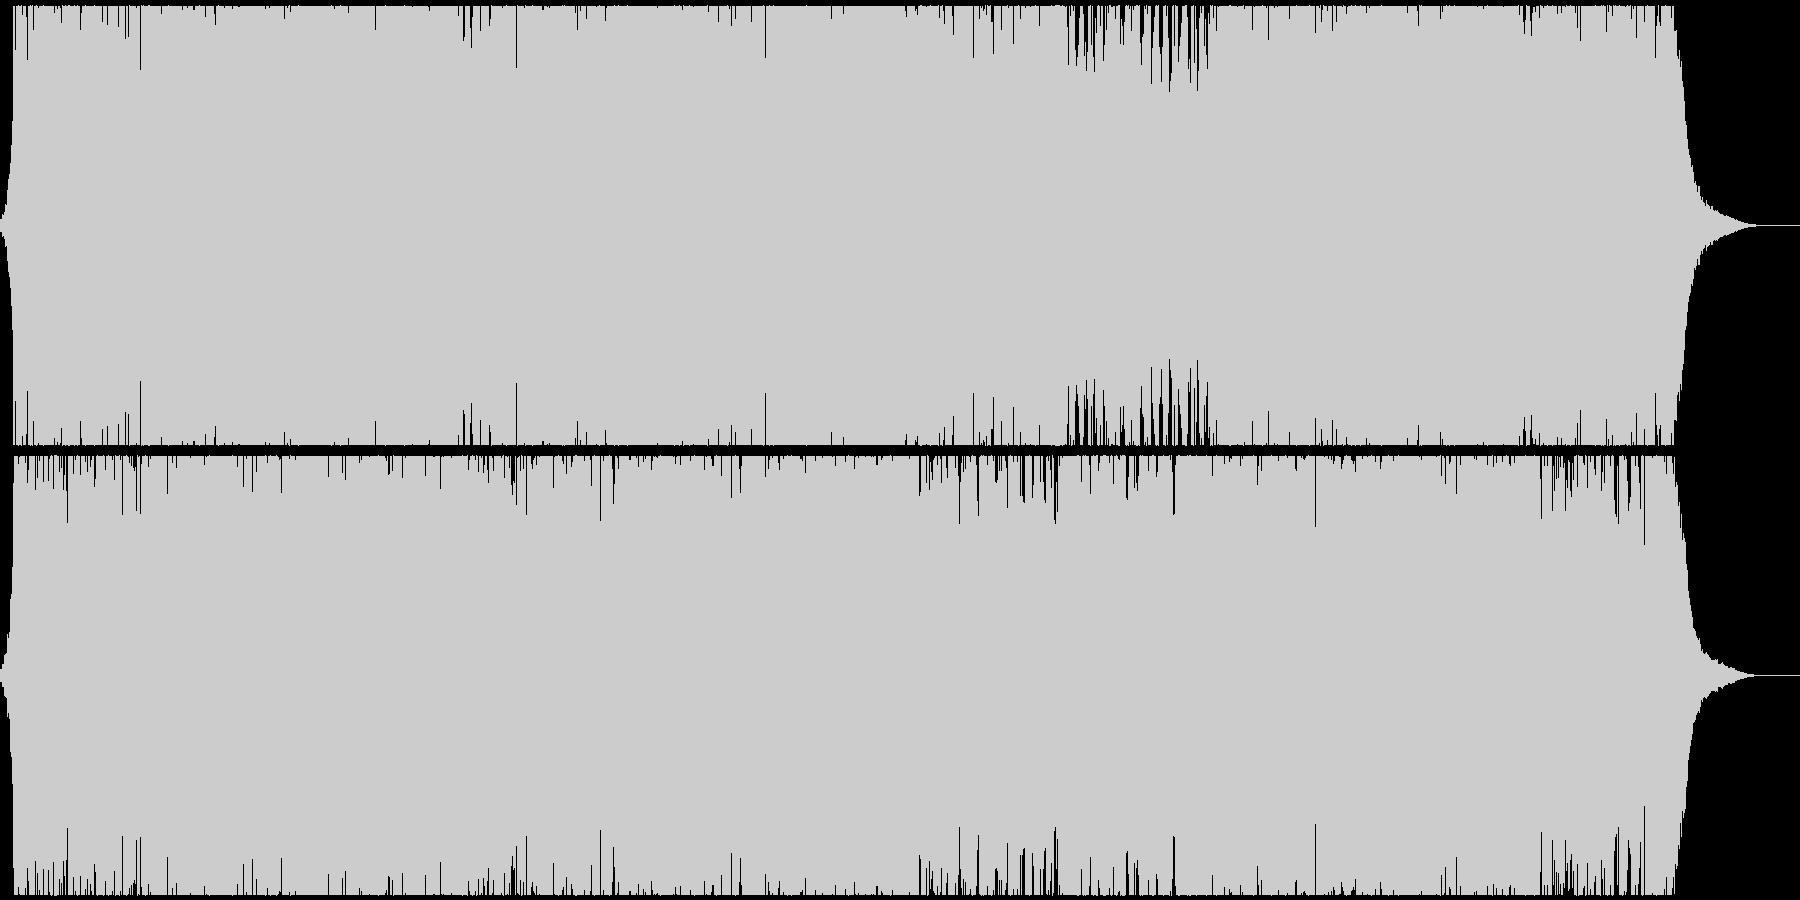 トロピカルな四つ打ちダンス曲の未再生の波形